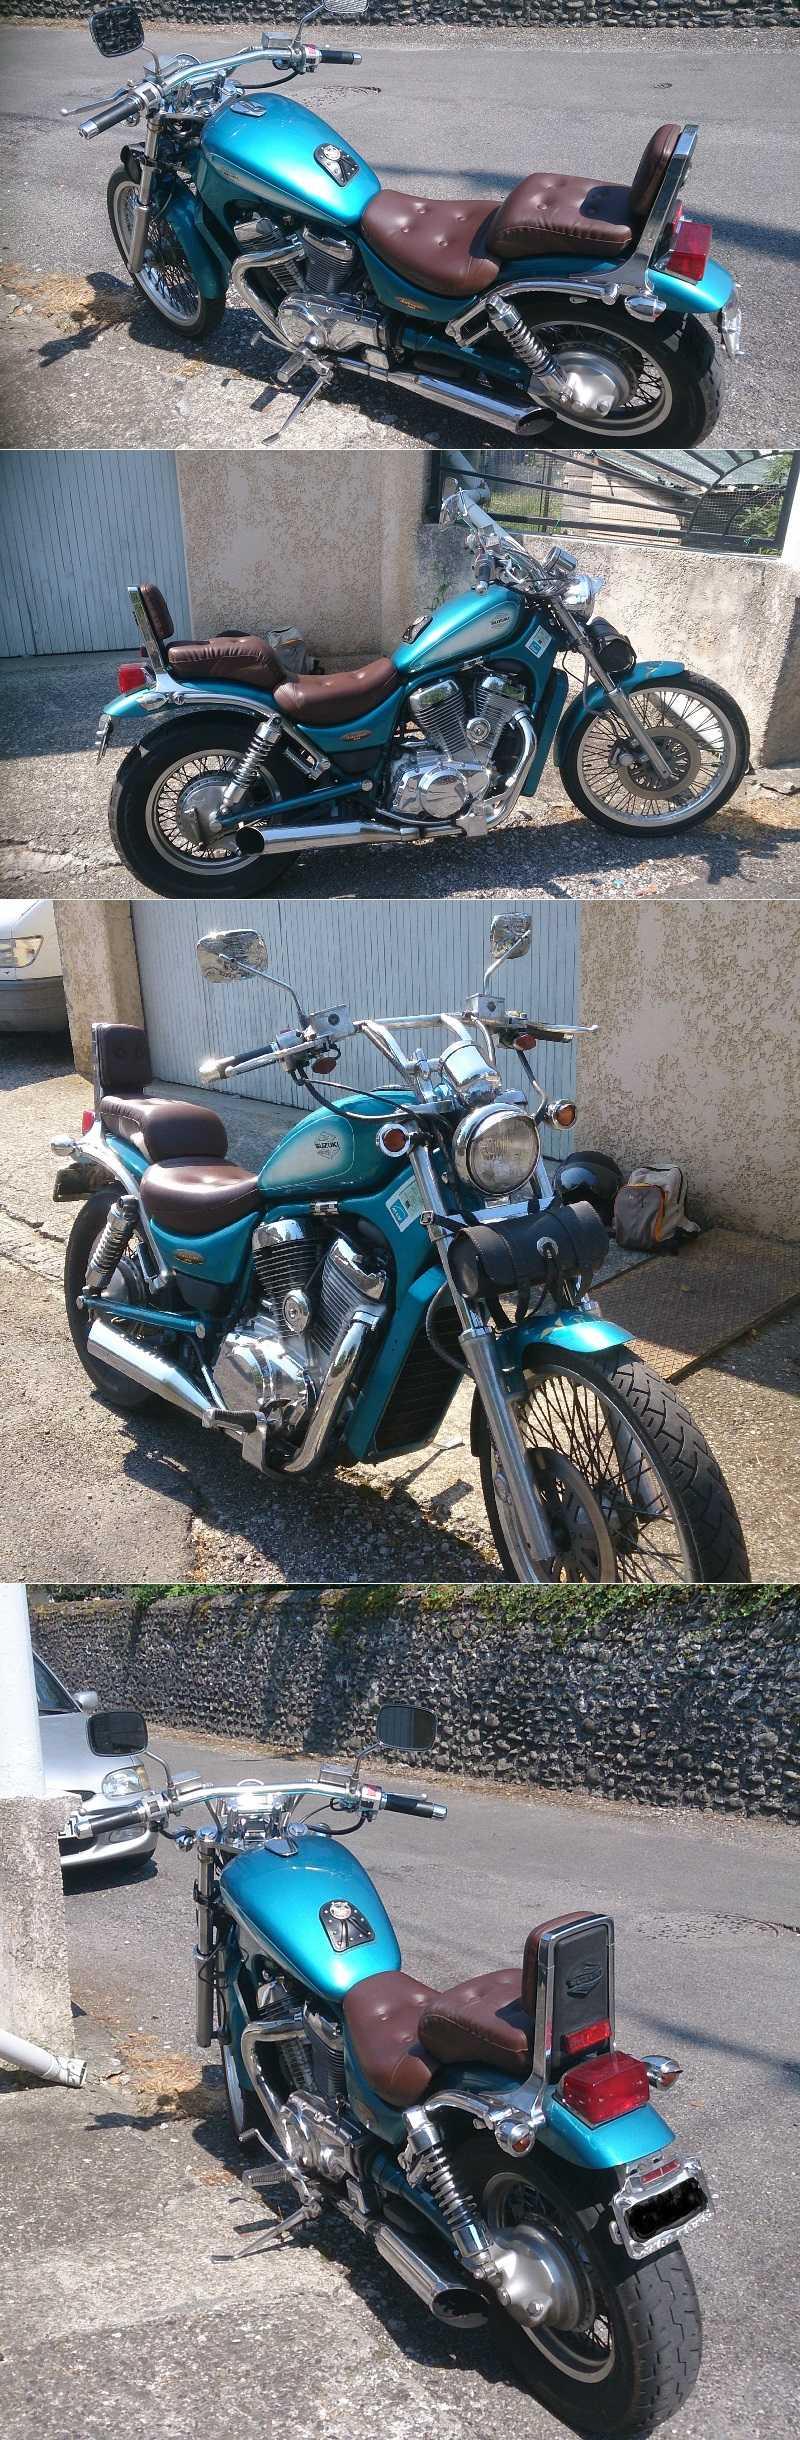 VS 800 GL bleue (Boeil-Bezing - 64) 1507021119312891813414615